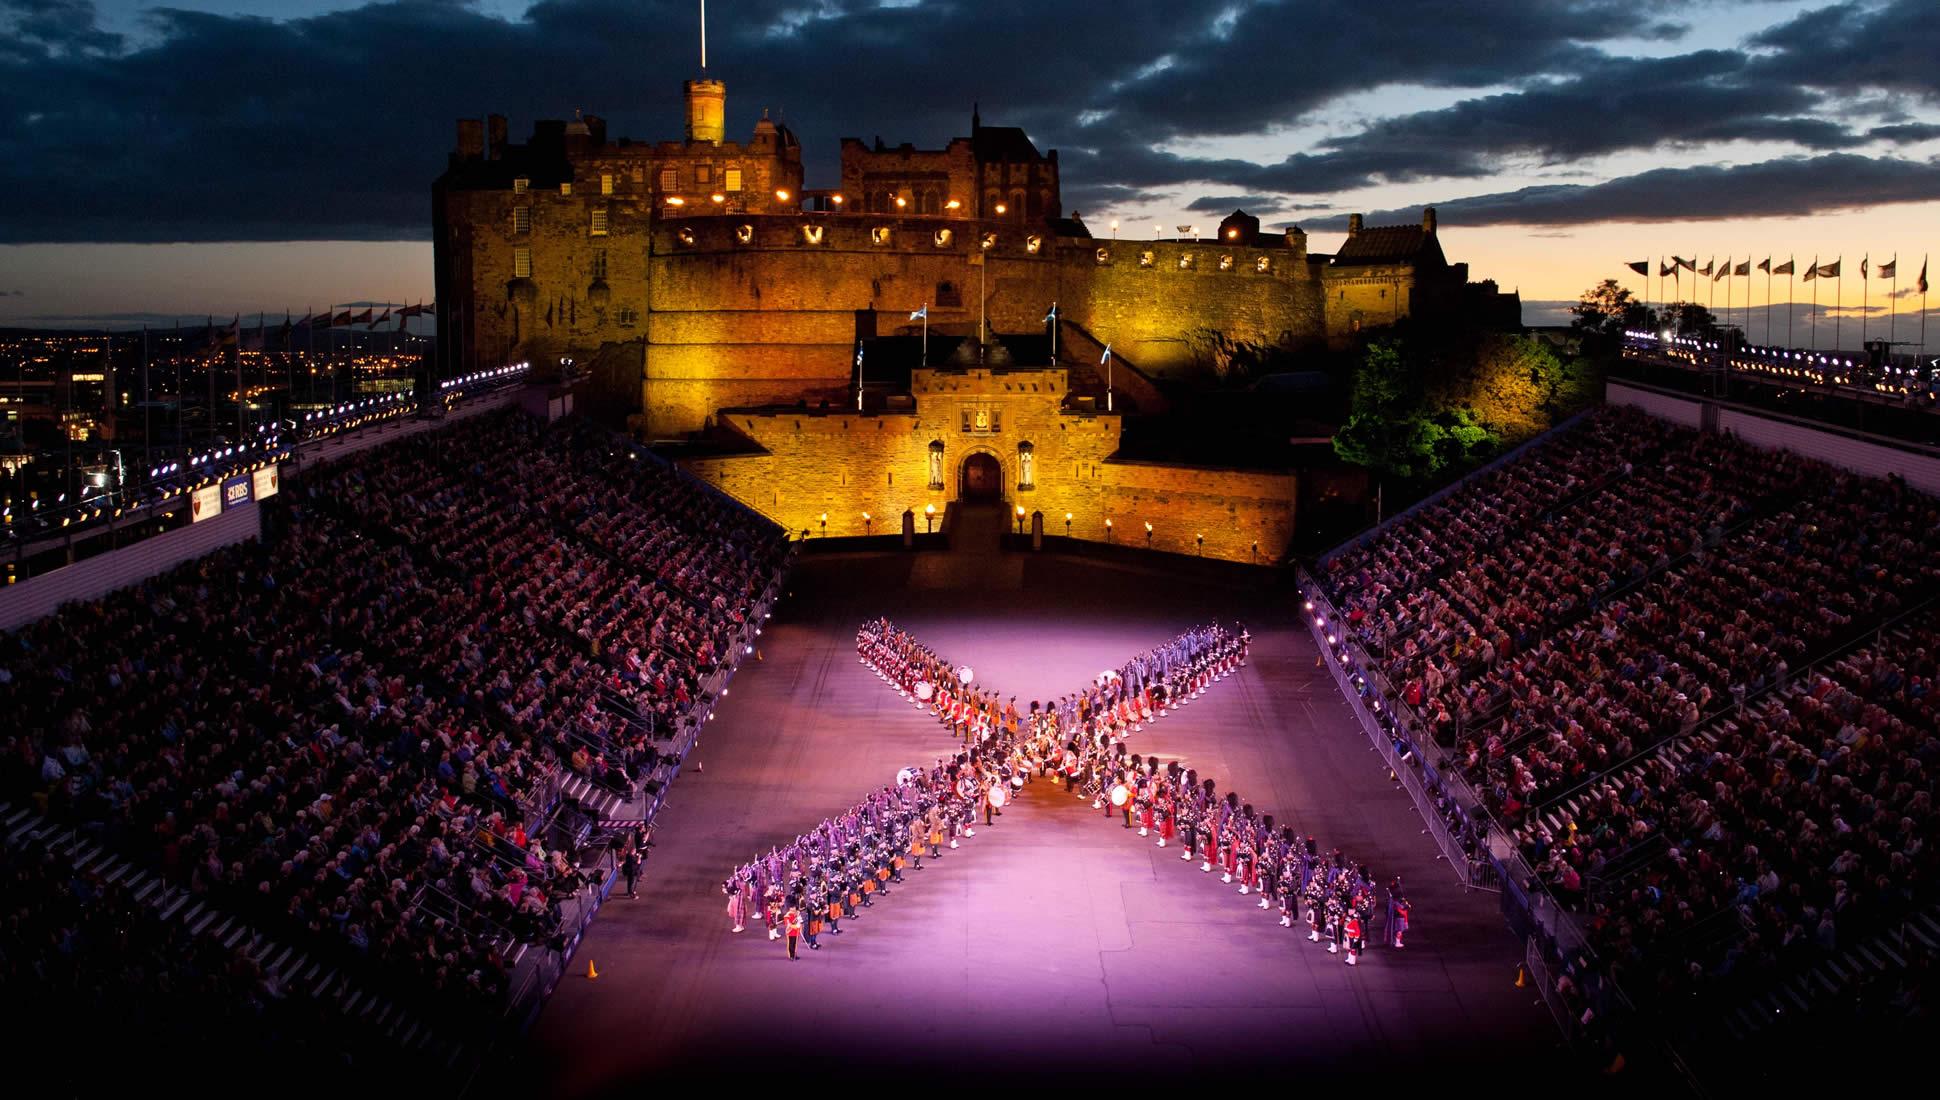 Actuación del Military Tattoo en la esplanada del castillo de Edimburgo